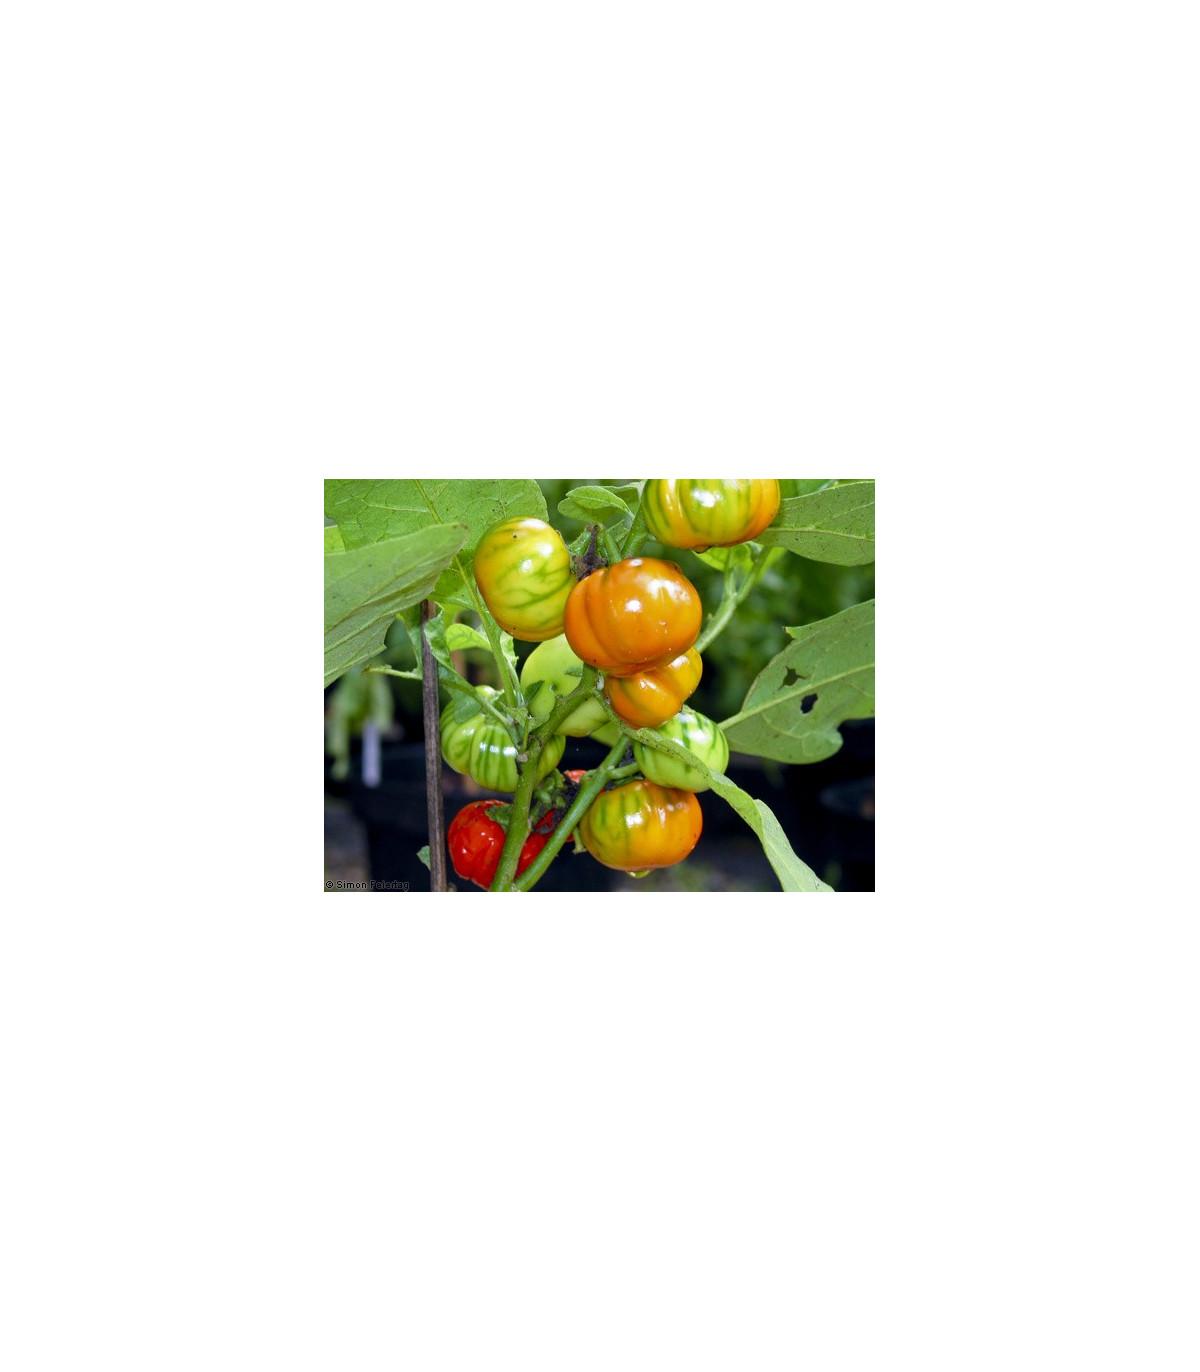 Baklažán pruhovaný - semená baklažánu - semiačka - 6 ks